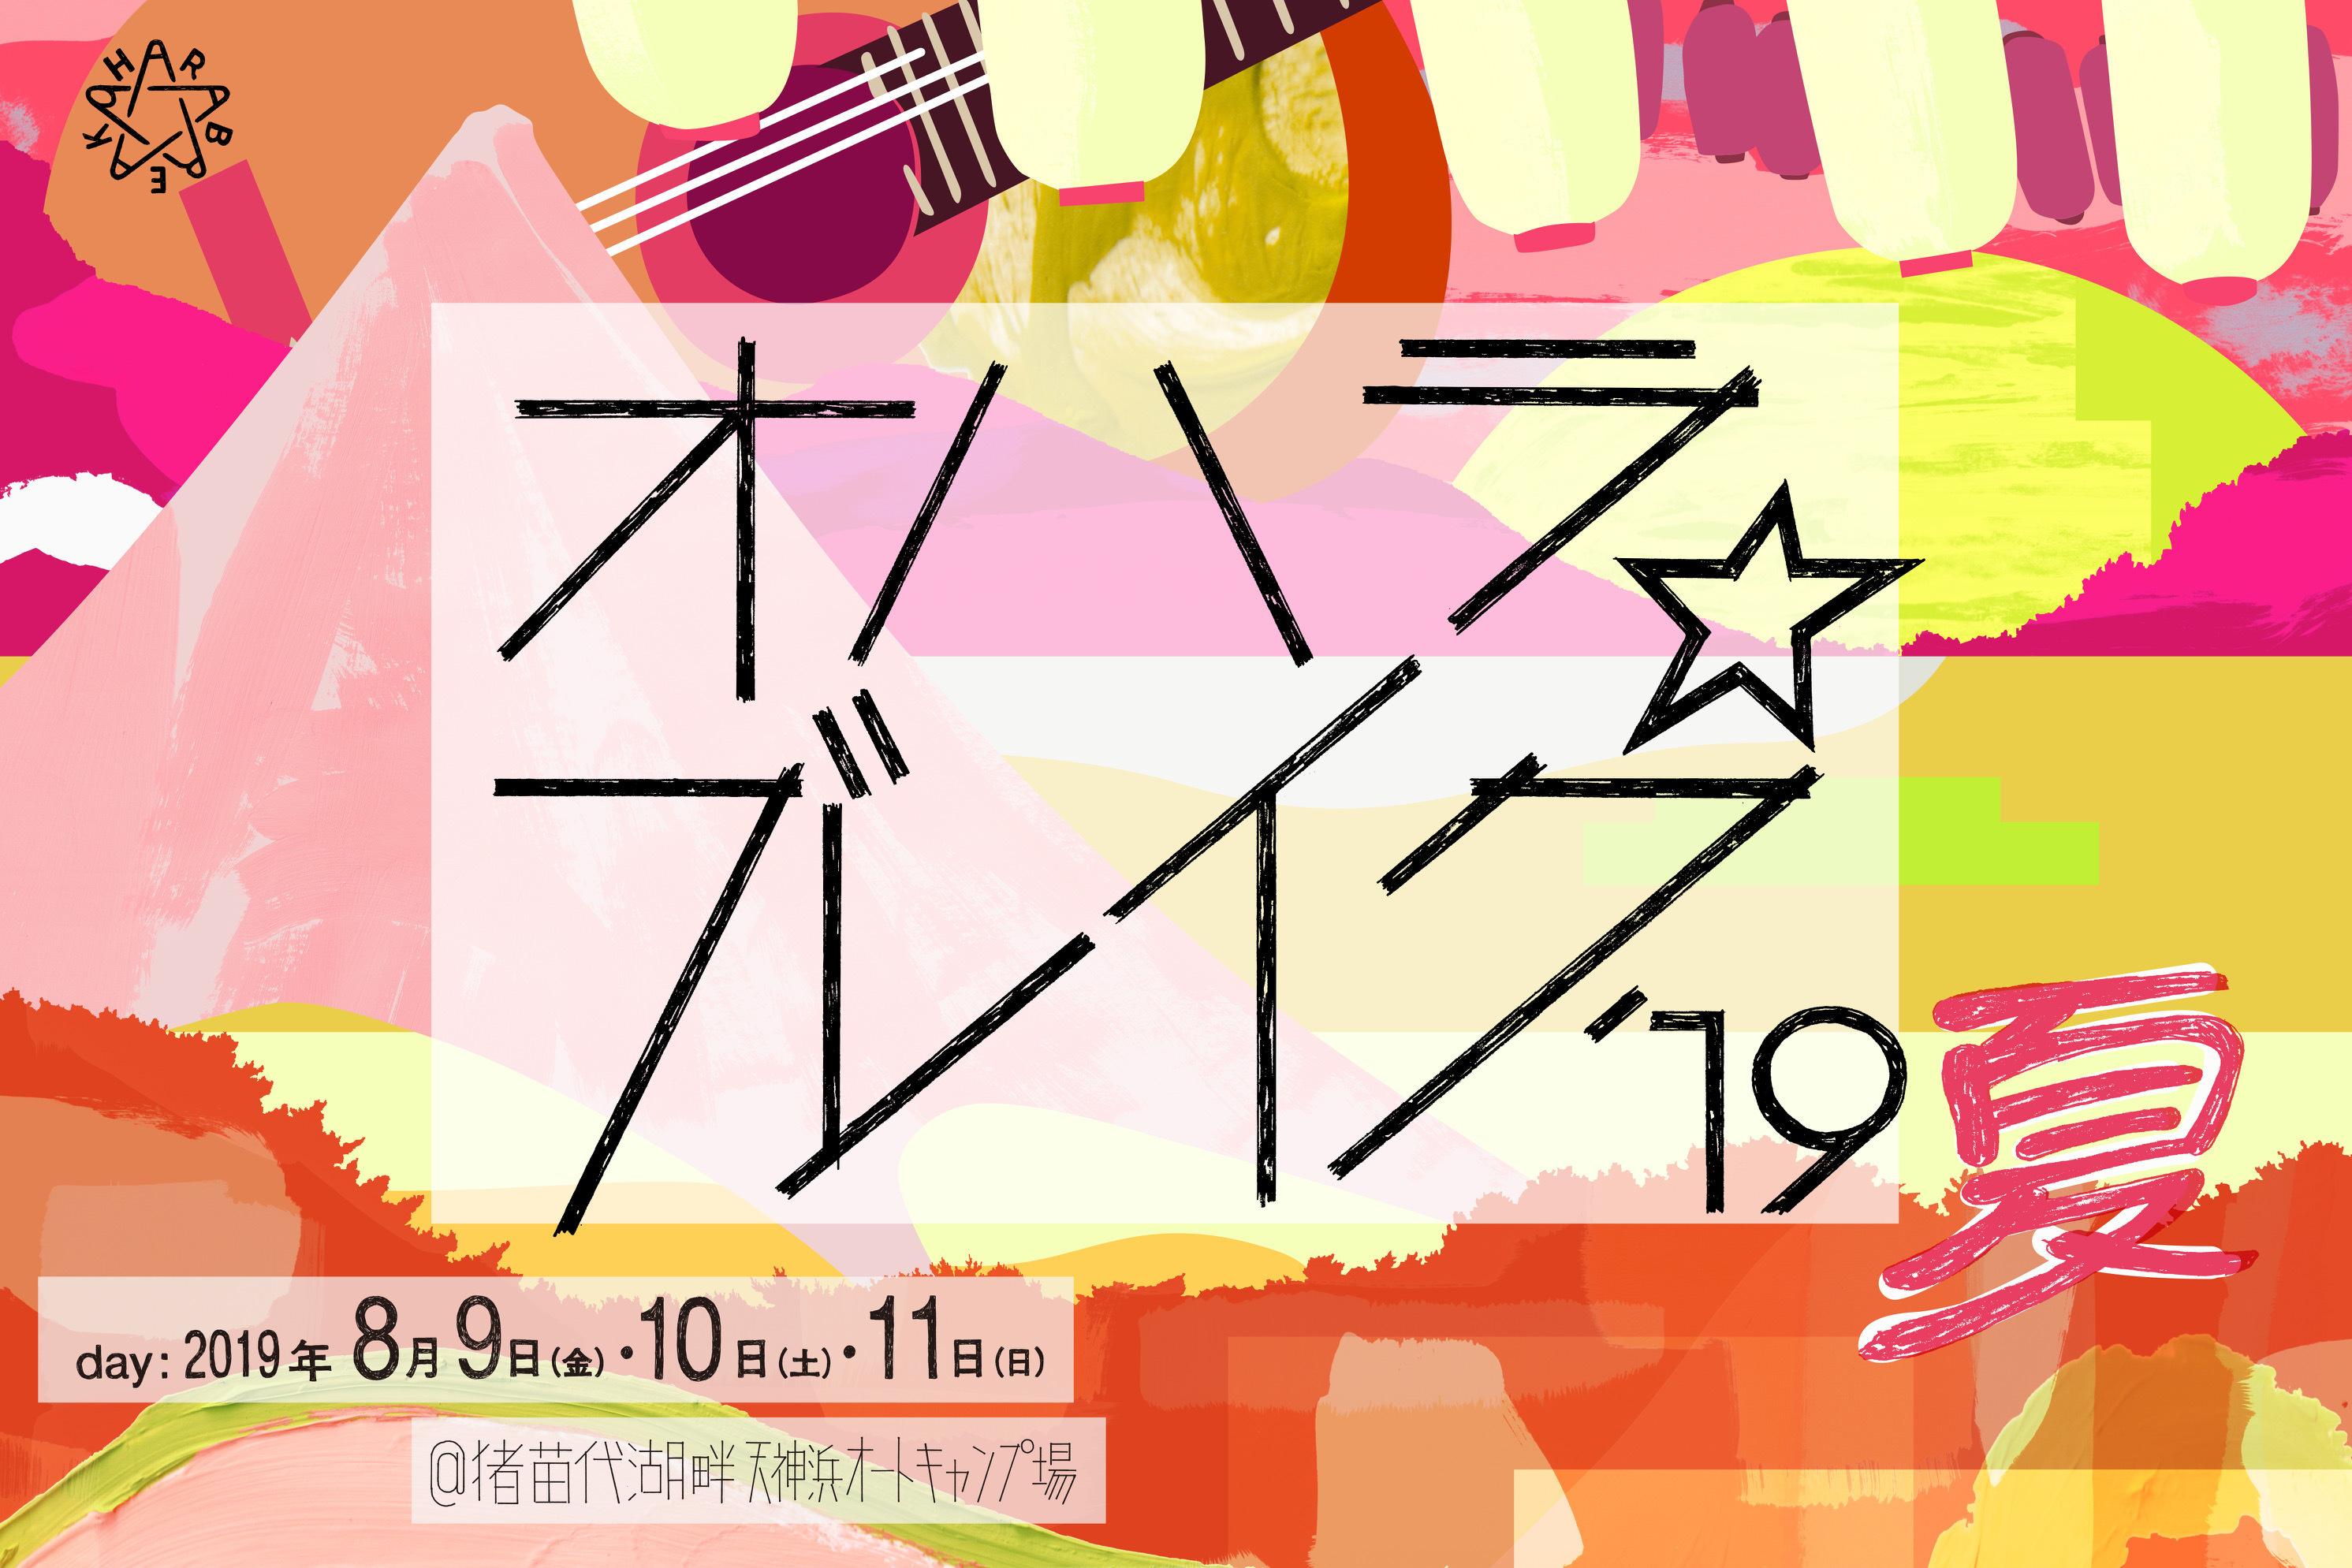 オハラ☆ブレイク'19夏